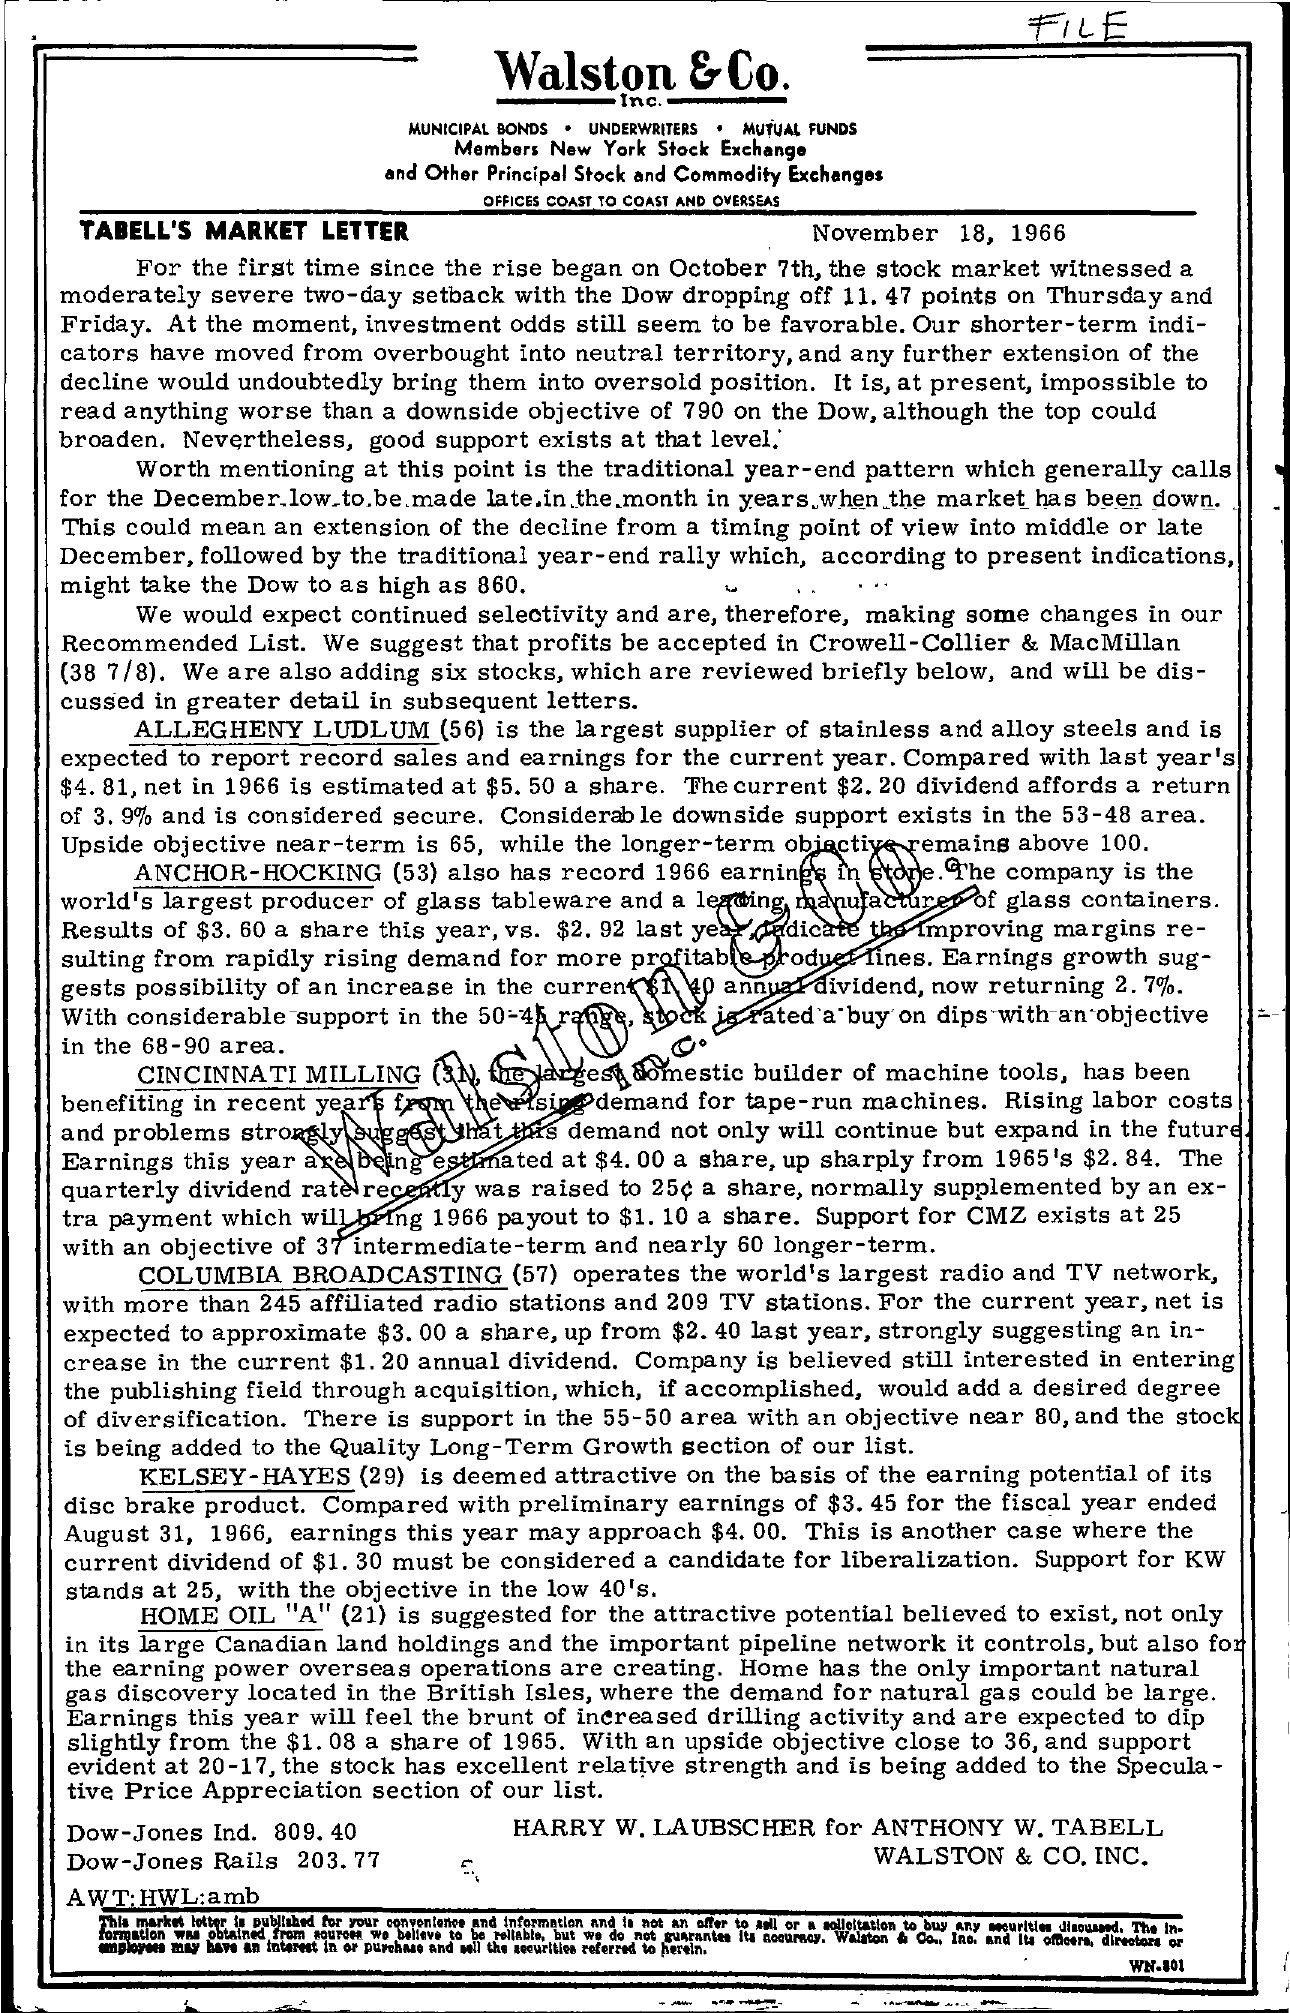 Tabell's Market Letter - November 18, 1966